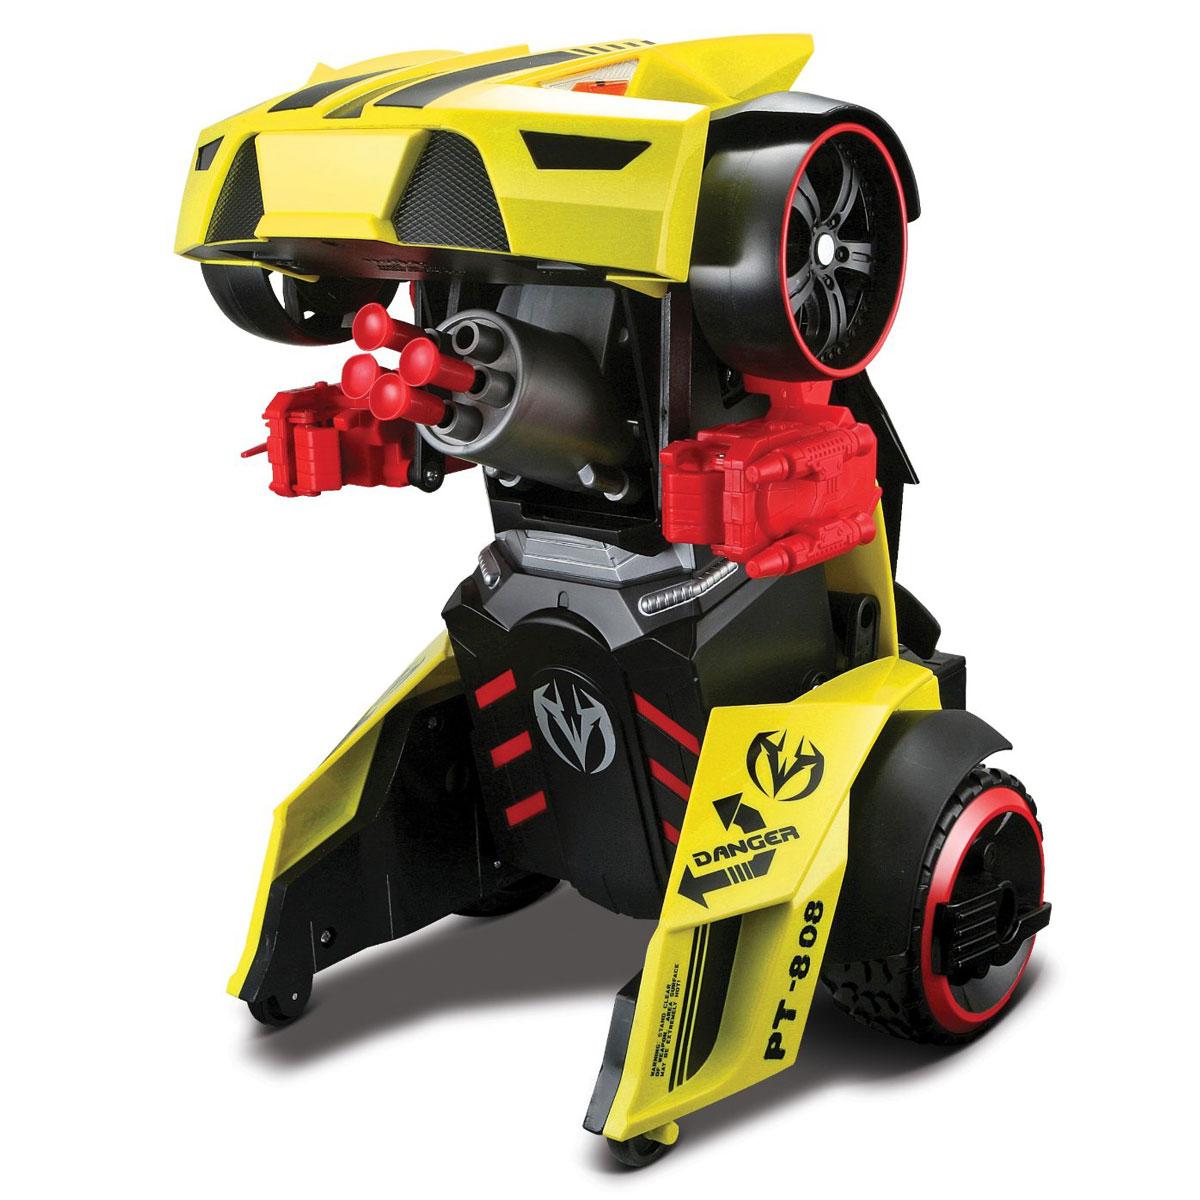 Maisto Машина-трансформер на радиоуправлении РТ-808 цвет желтый81108_желтыйMaisto Радиоуправляемая модель Трансформирующаяся машина РТ-808 непременно понравится любому мальчику. Машина выполнена из безопасного пластика. С помощью пульта управления ее можно трансформировать в робота и обратно, причем как в движении, так и в стационарном положении. Робот имеет возможность стрельбы специальными стрелами на присосках. Модель автомобиля может развивать скорость до 10 км/ч. Зарядка аккумулятора осуществляется от пульта управления. В комплект входит машина, пульт управления, 8 ракет и инструкция по эксплуатации на русском языке. Порадуйте своего ребенка таким замечательным подарком! Для работы игрушки необходима 1 батарейка напряжением 9V типа Крона. Для работы пульта управления необходимы 6 батареек напряжением 1,5V типа АА (не входят в комплект).